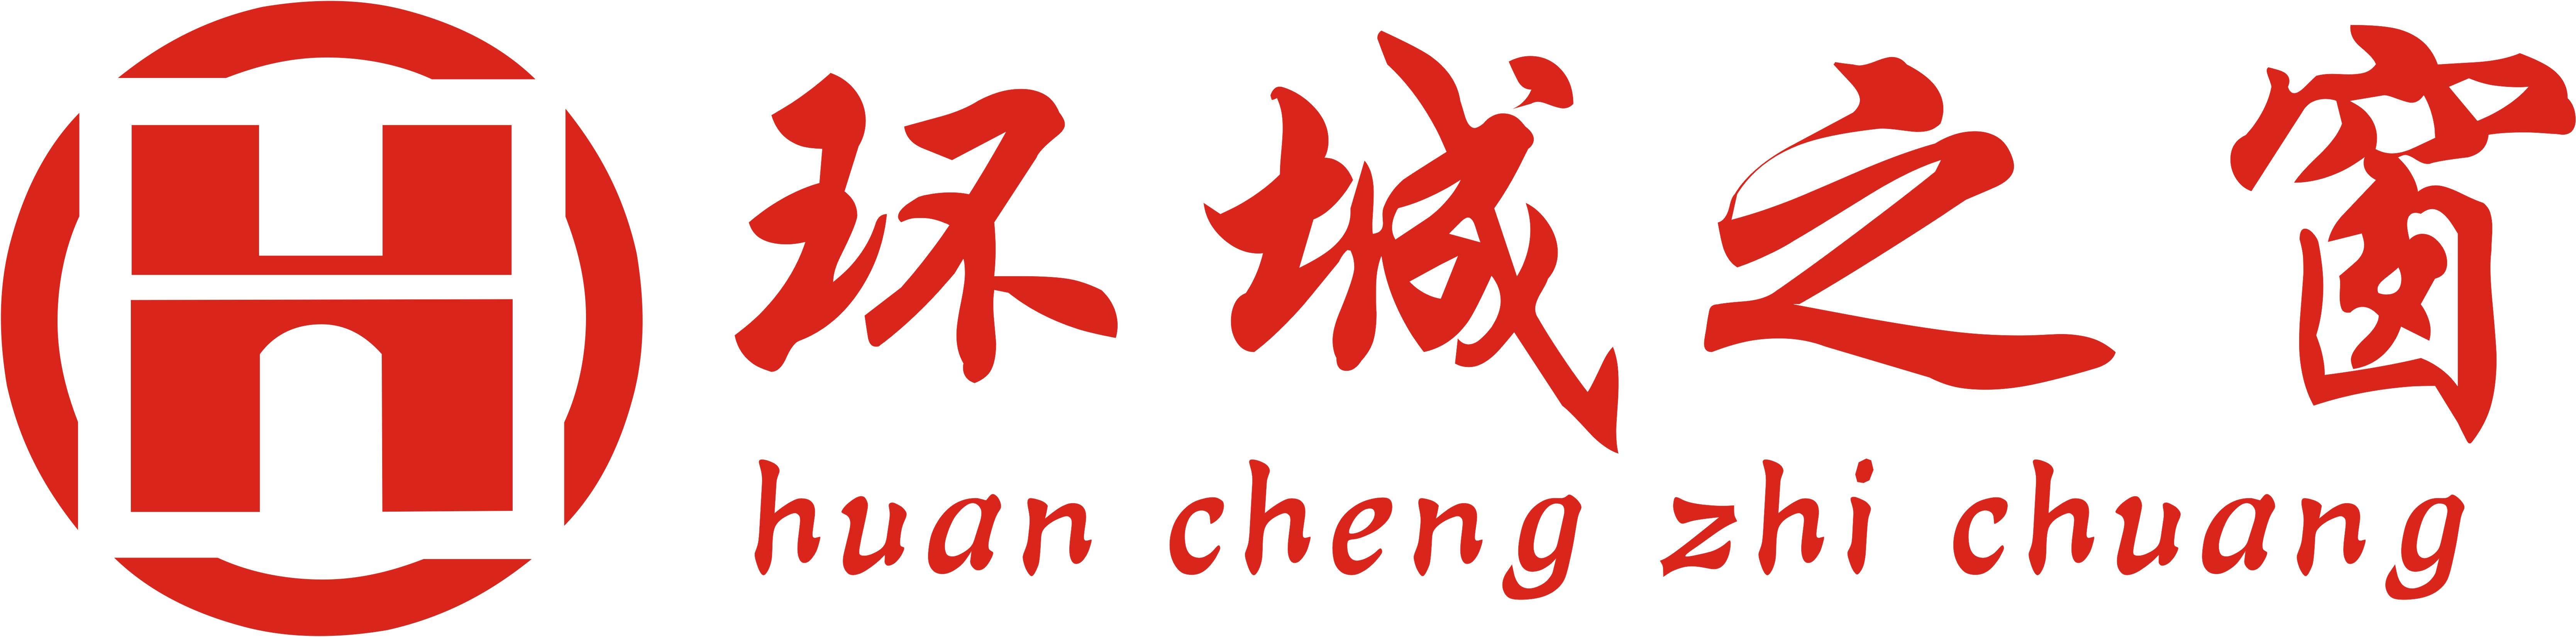 西安环城之窗广告文化传播有限公司汉中分公司